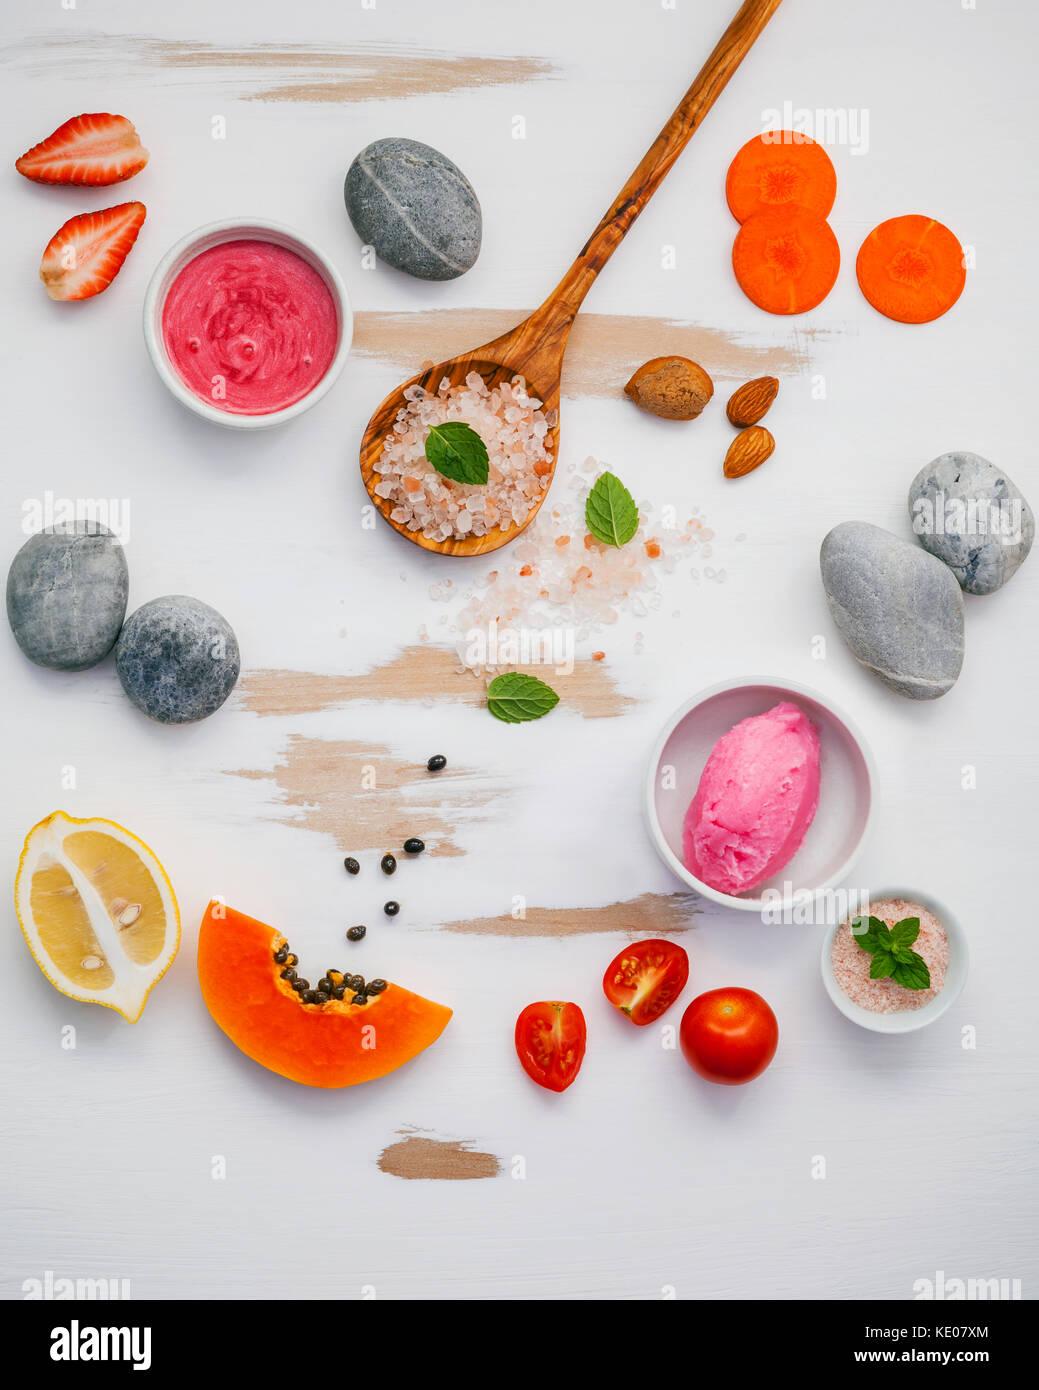 Hausgemachte Hautpflege und Körperpeelings mit roten natürliche Zutaten Erdbeeren, Tomaten, Himalaya-Salz, Stockbild